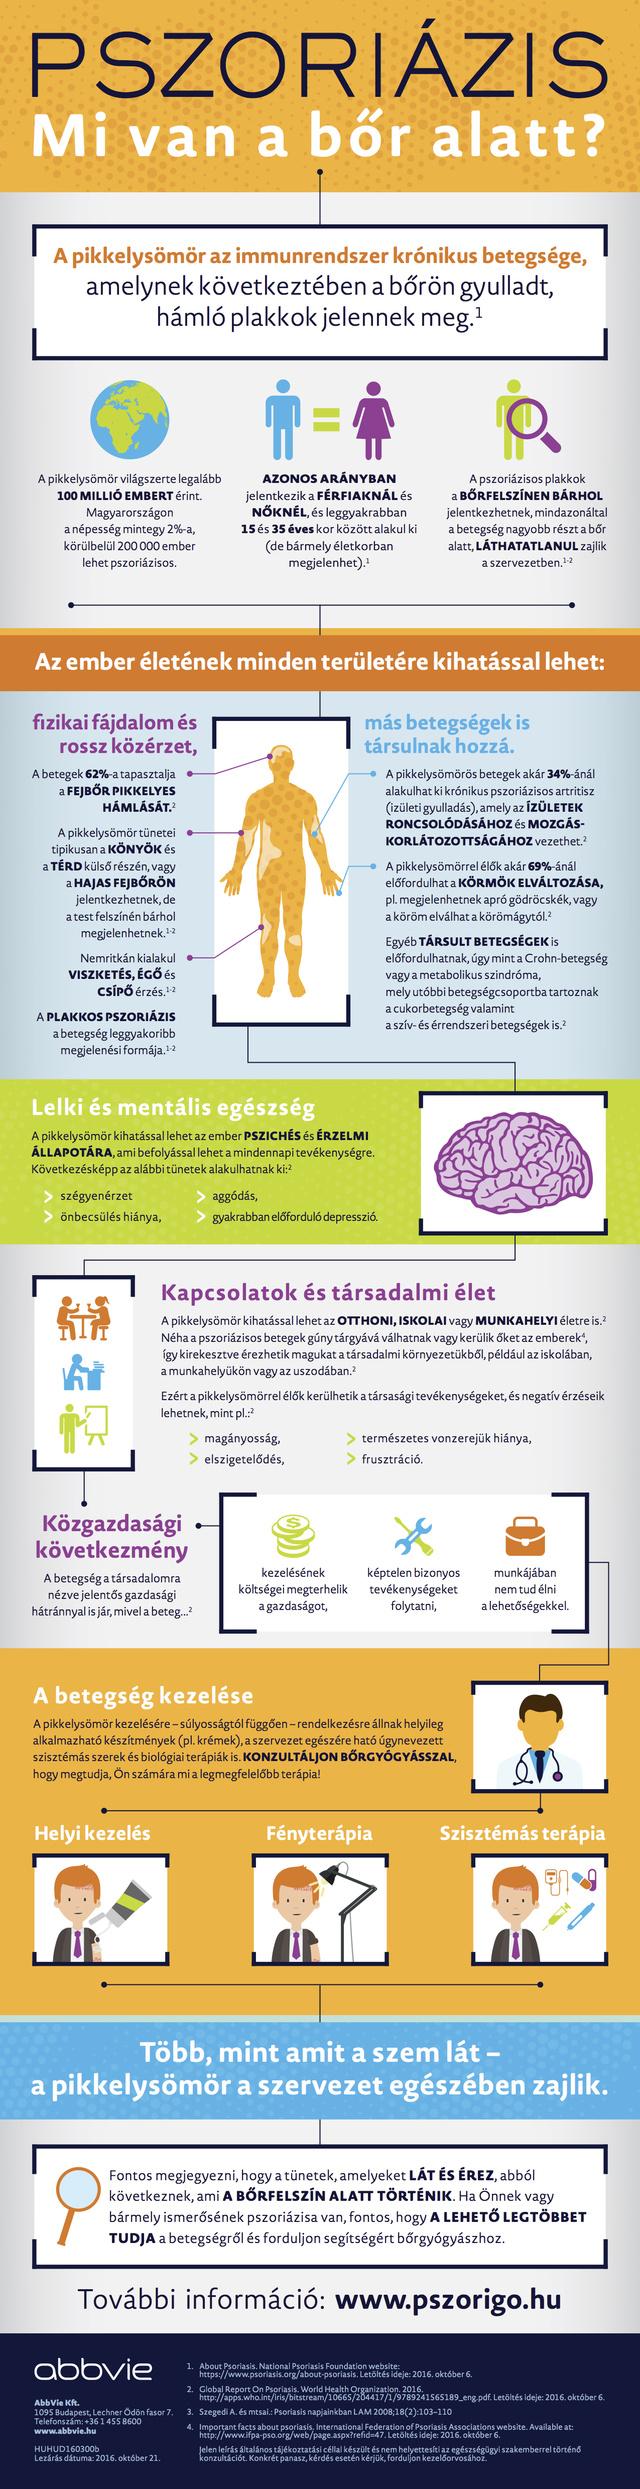 Új kezelés pikkelysömörre :: Keresés - InforMed Orvosi és Életmód portál ::